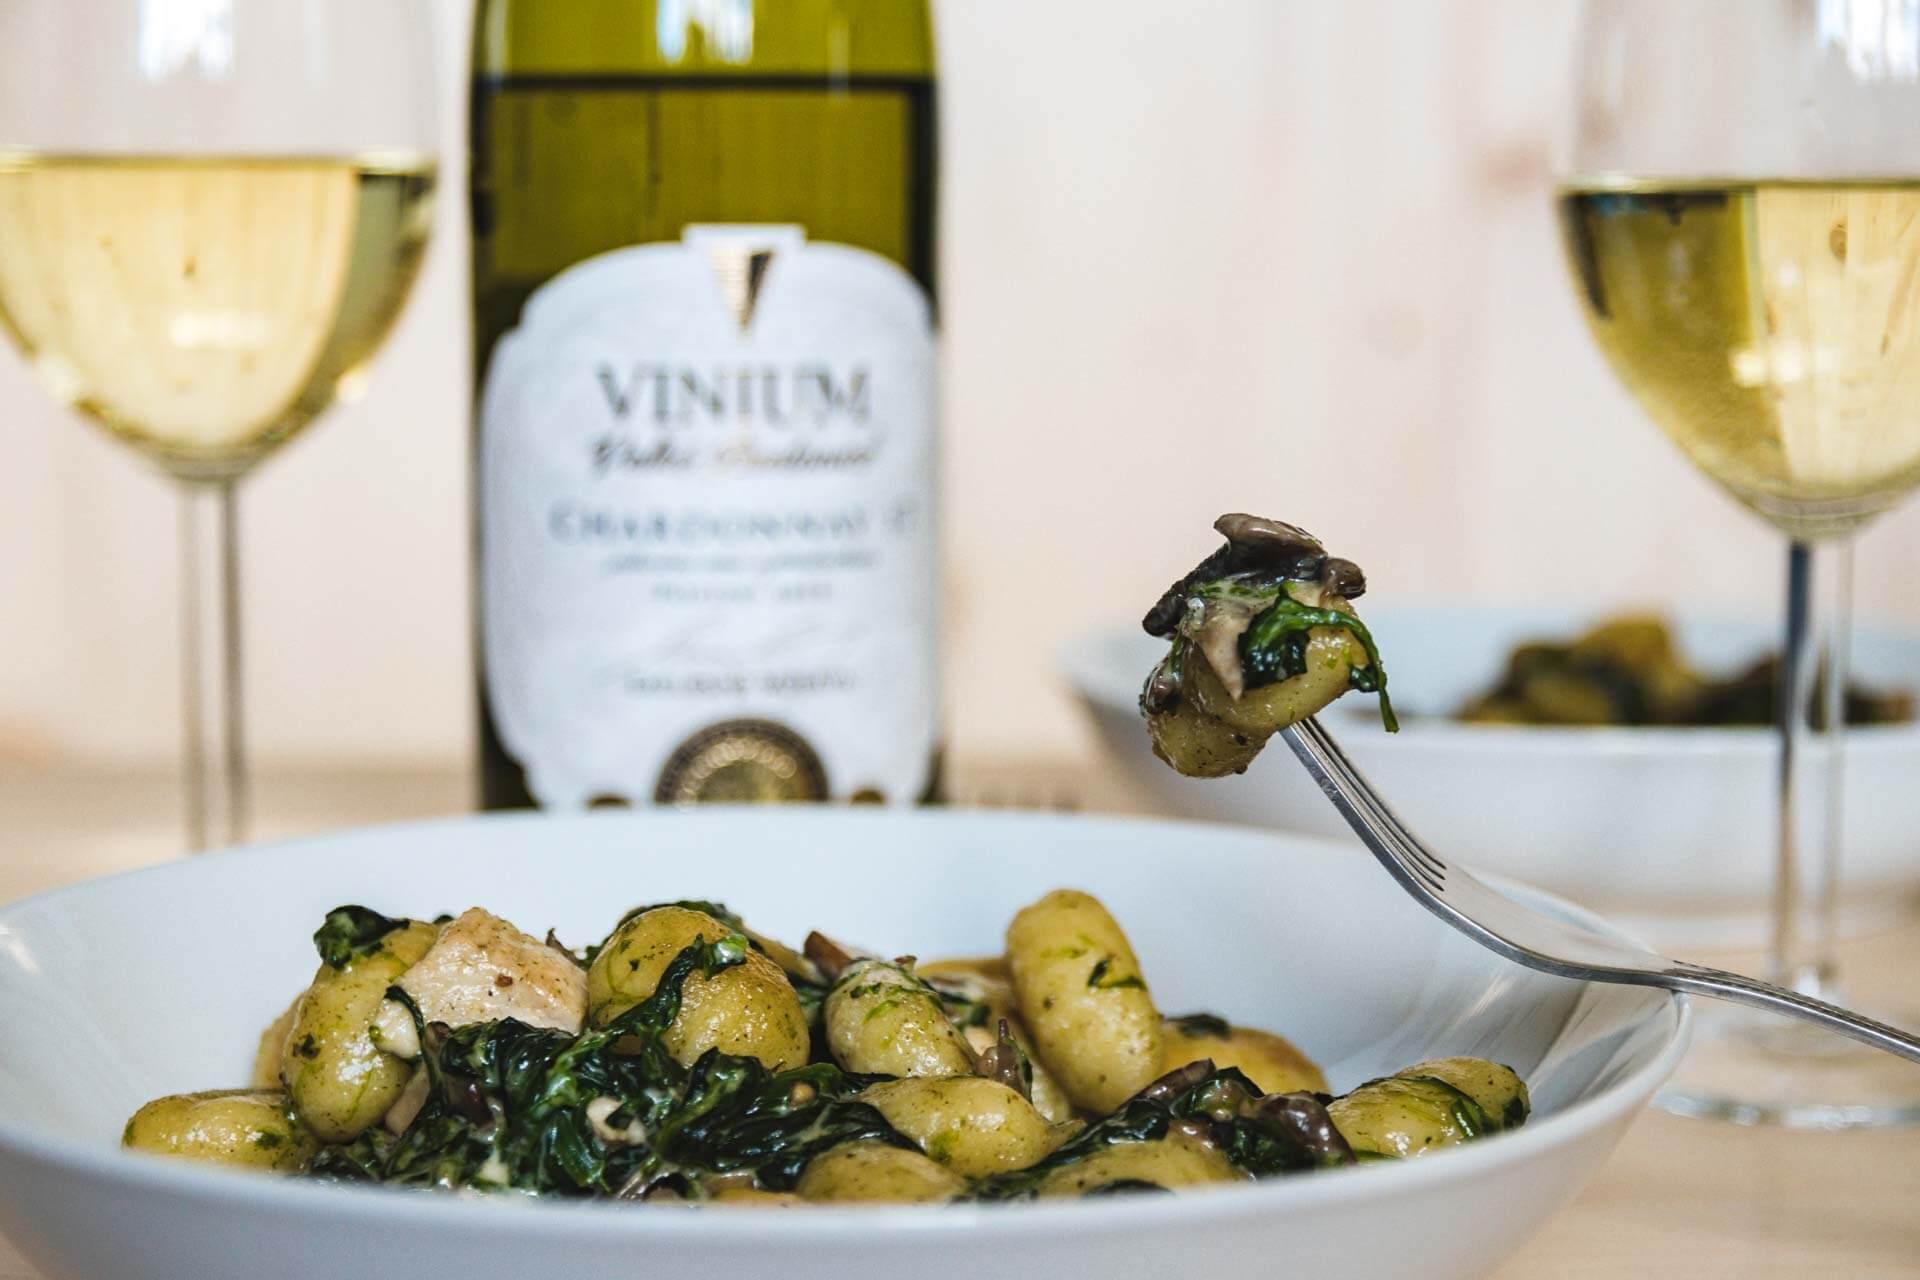 gnochi se špěnátem, víno, Chardonnay, VINIUM, foto ke článku 4